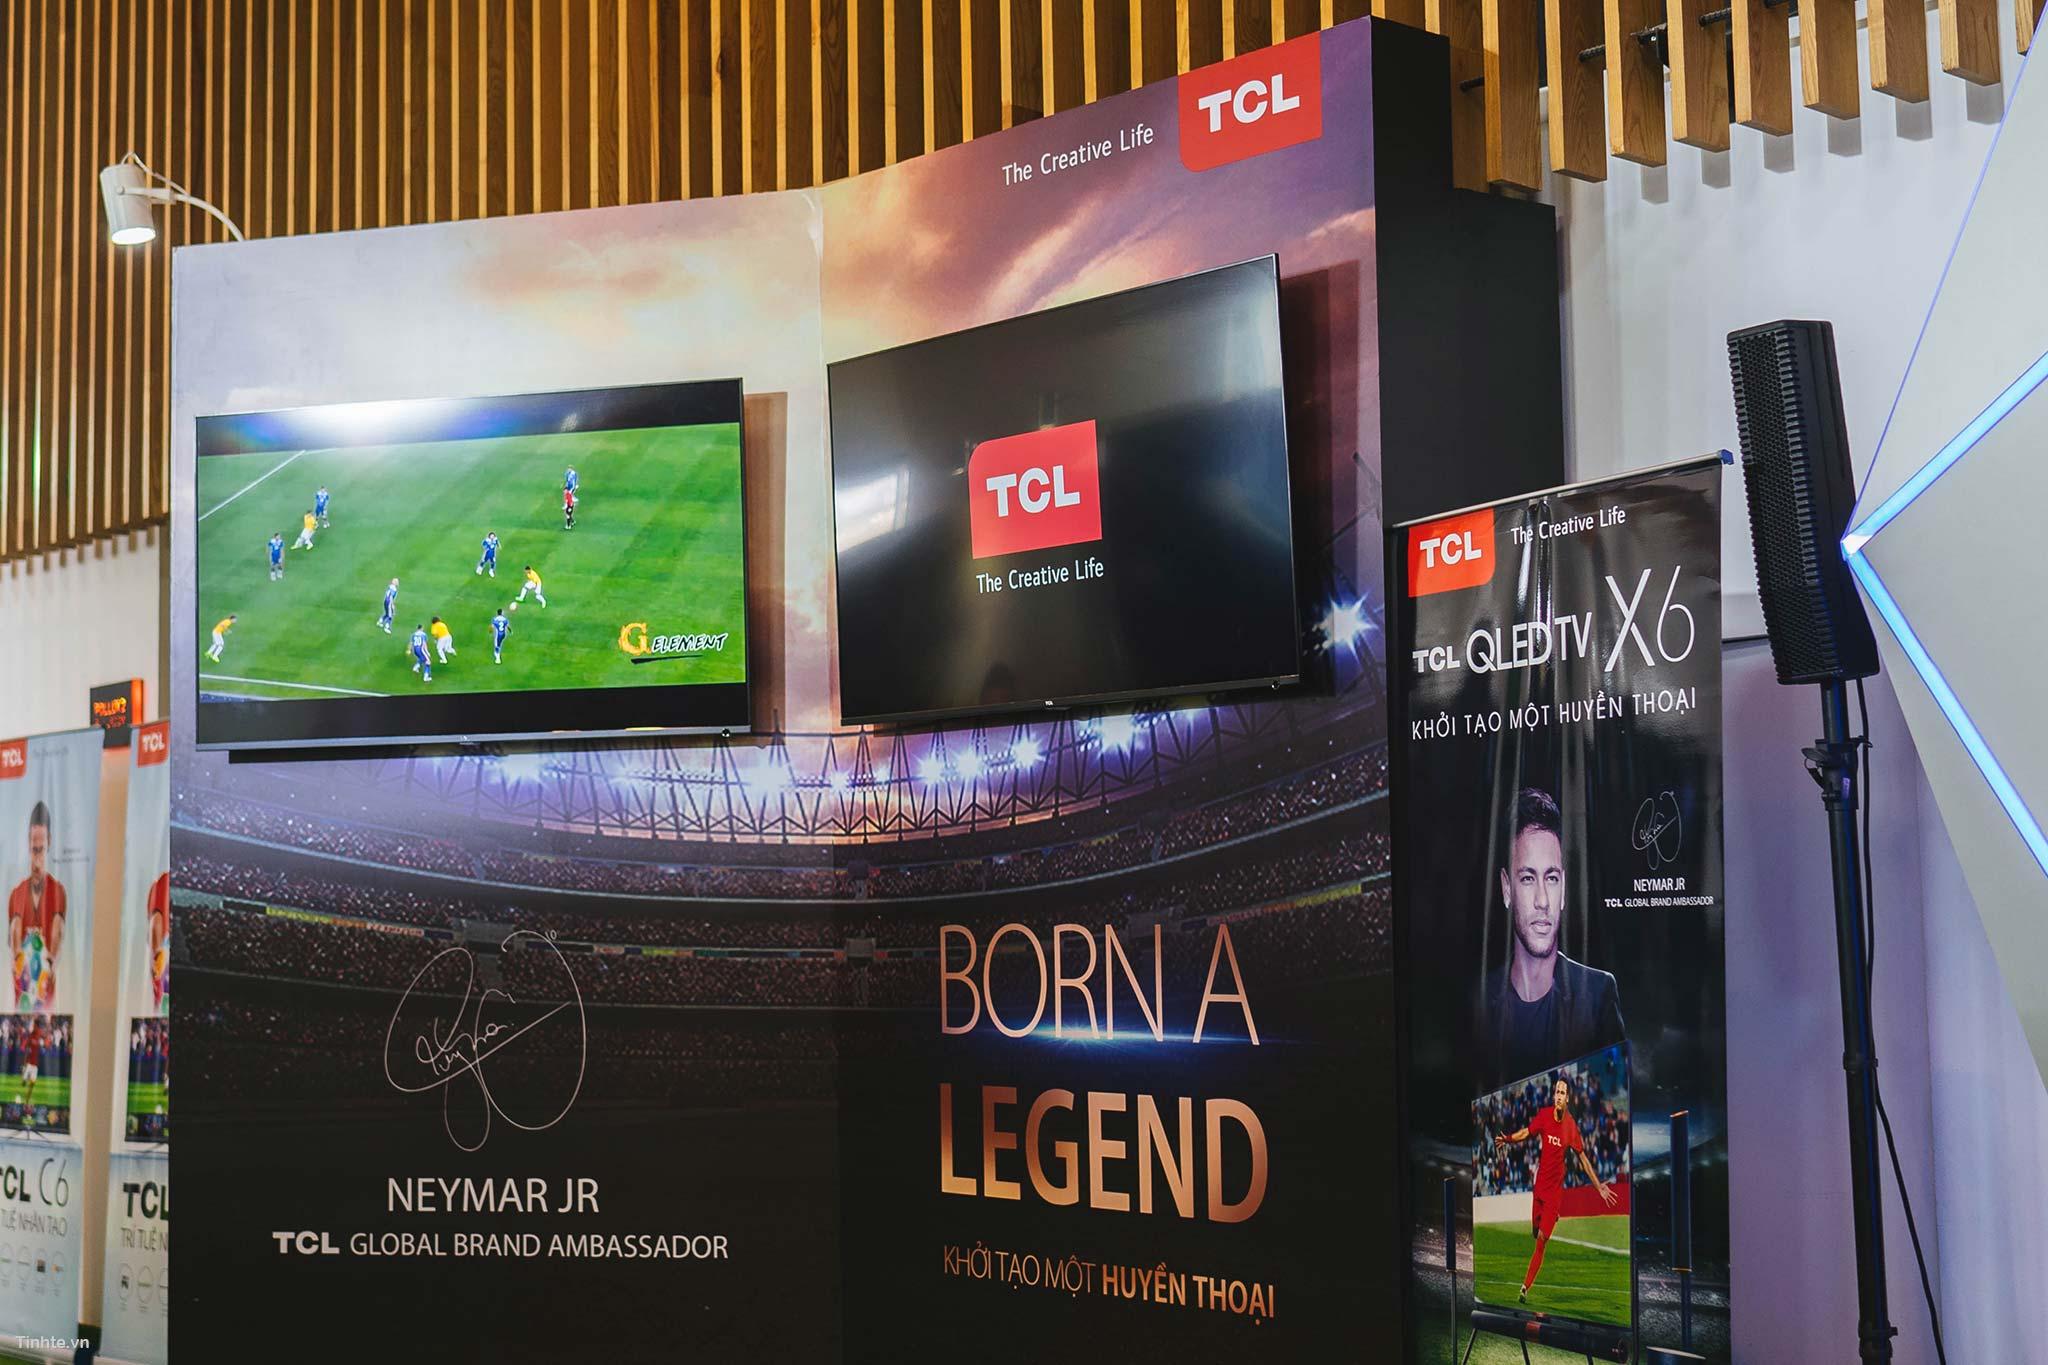 TCL_2018-9.jpg